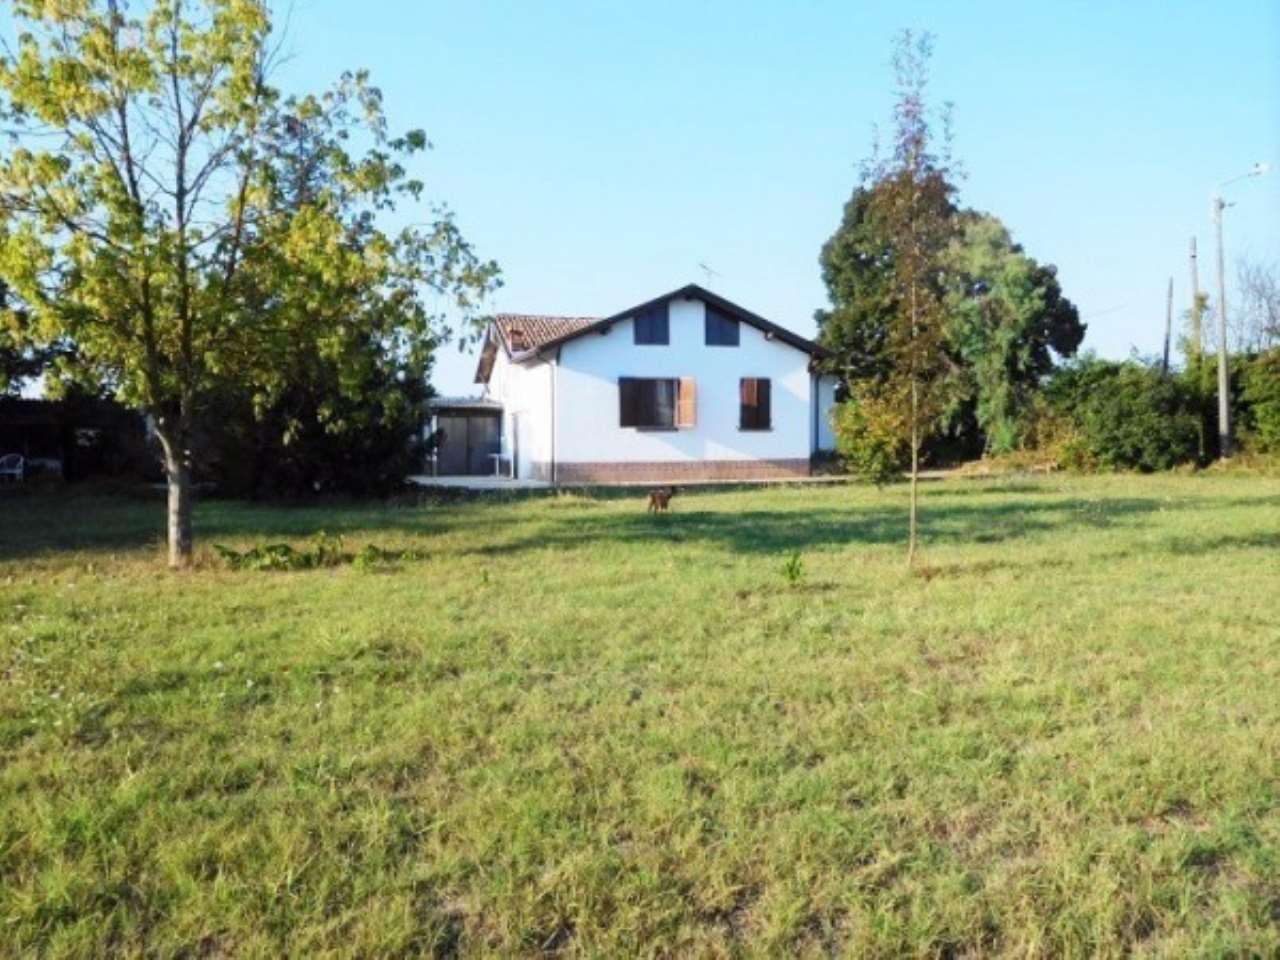 Villa in vendita a Casteggio, 3 locali, prezzo € 150.000 | Cambio Casa.it